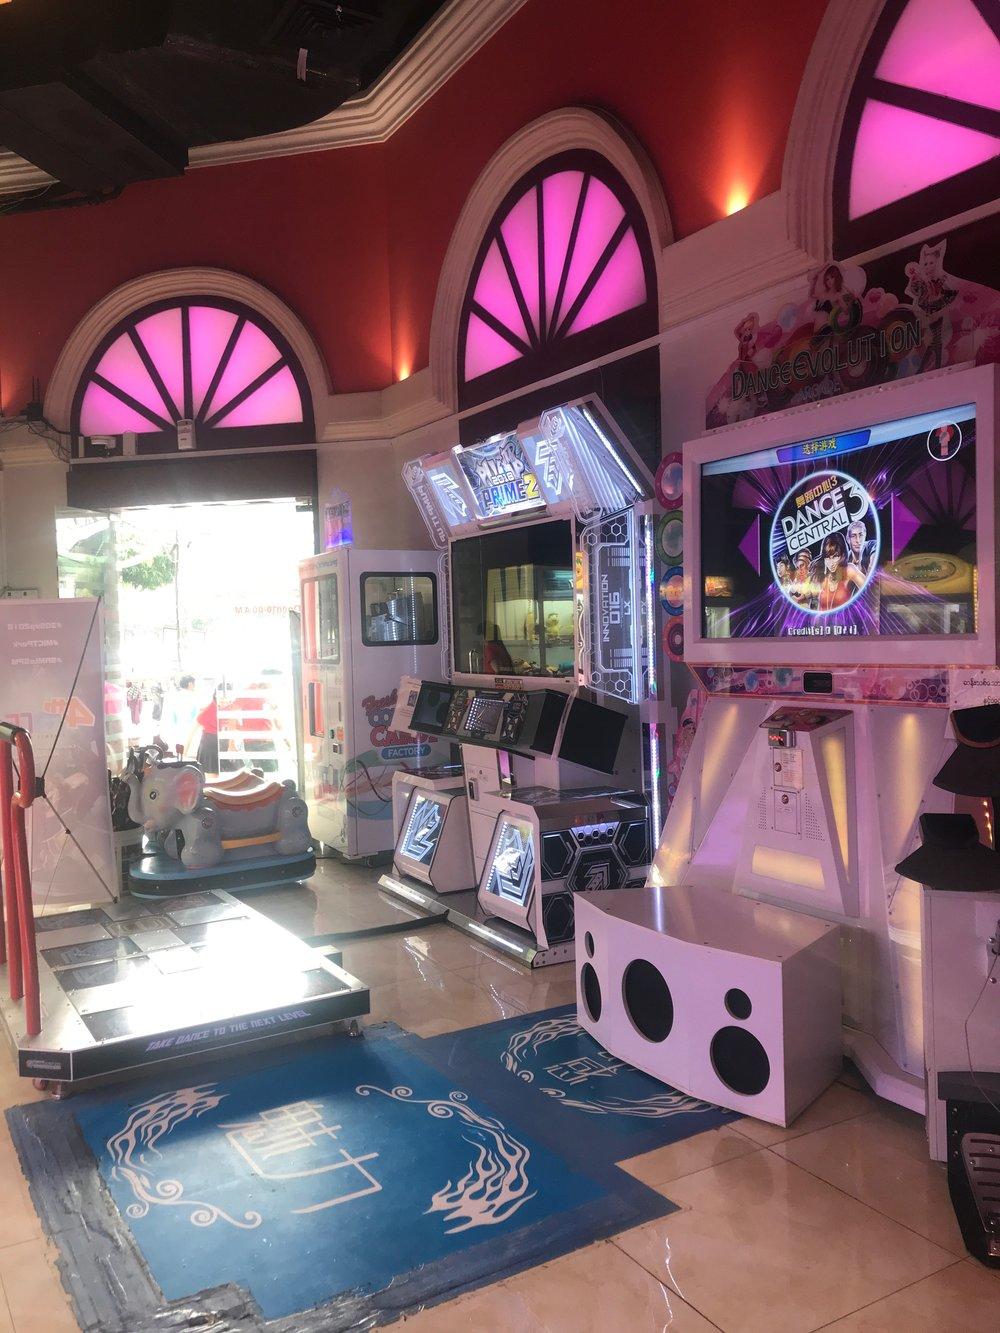 Dance Arcade games at alibaba